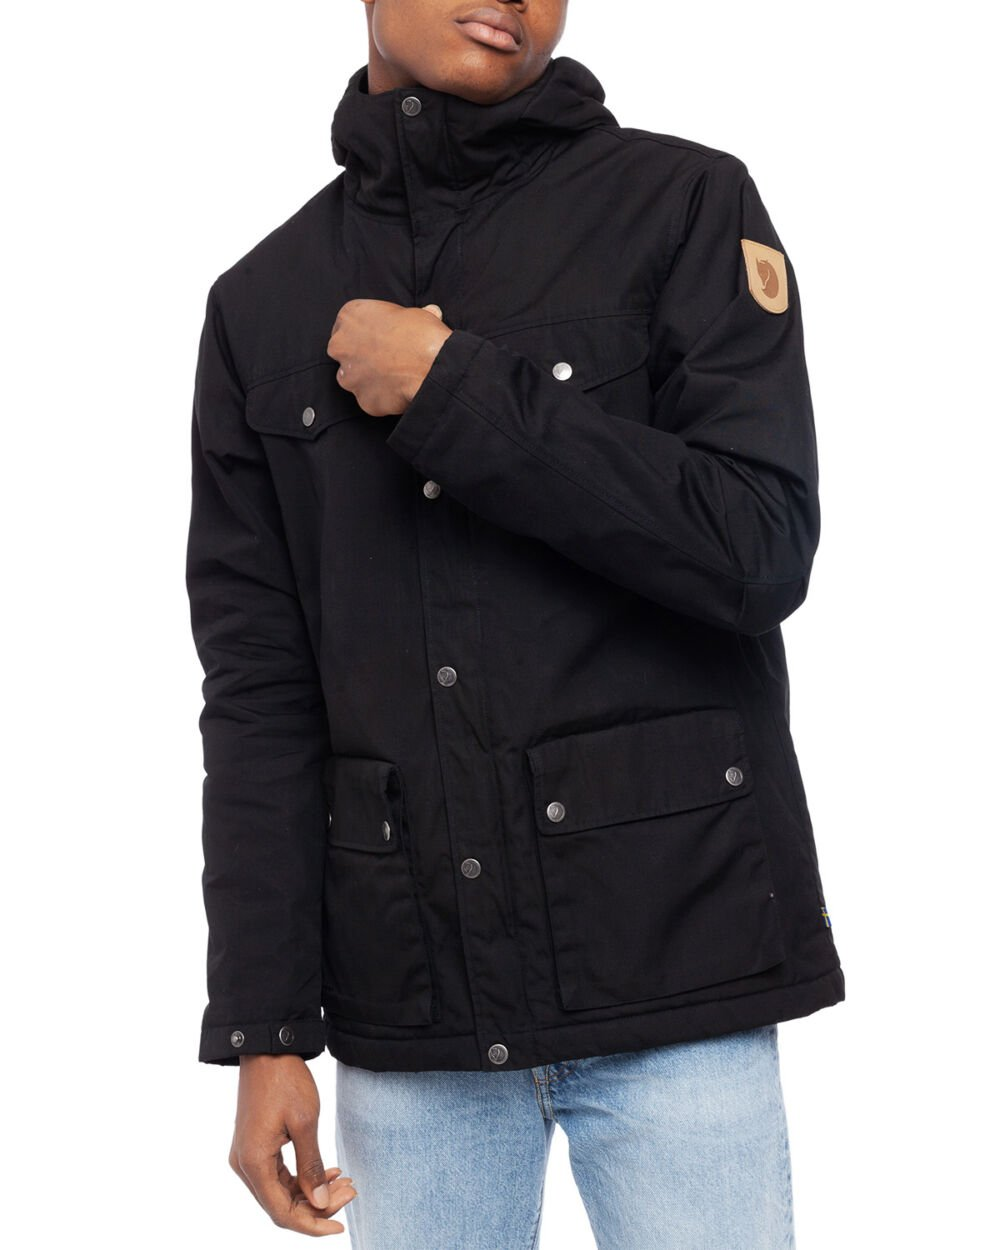 Fjällräven Greenland Winter Jacket W (Flere farger) | SQOOP